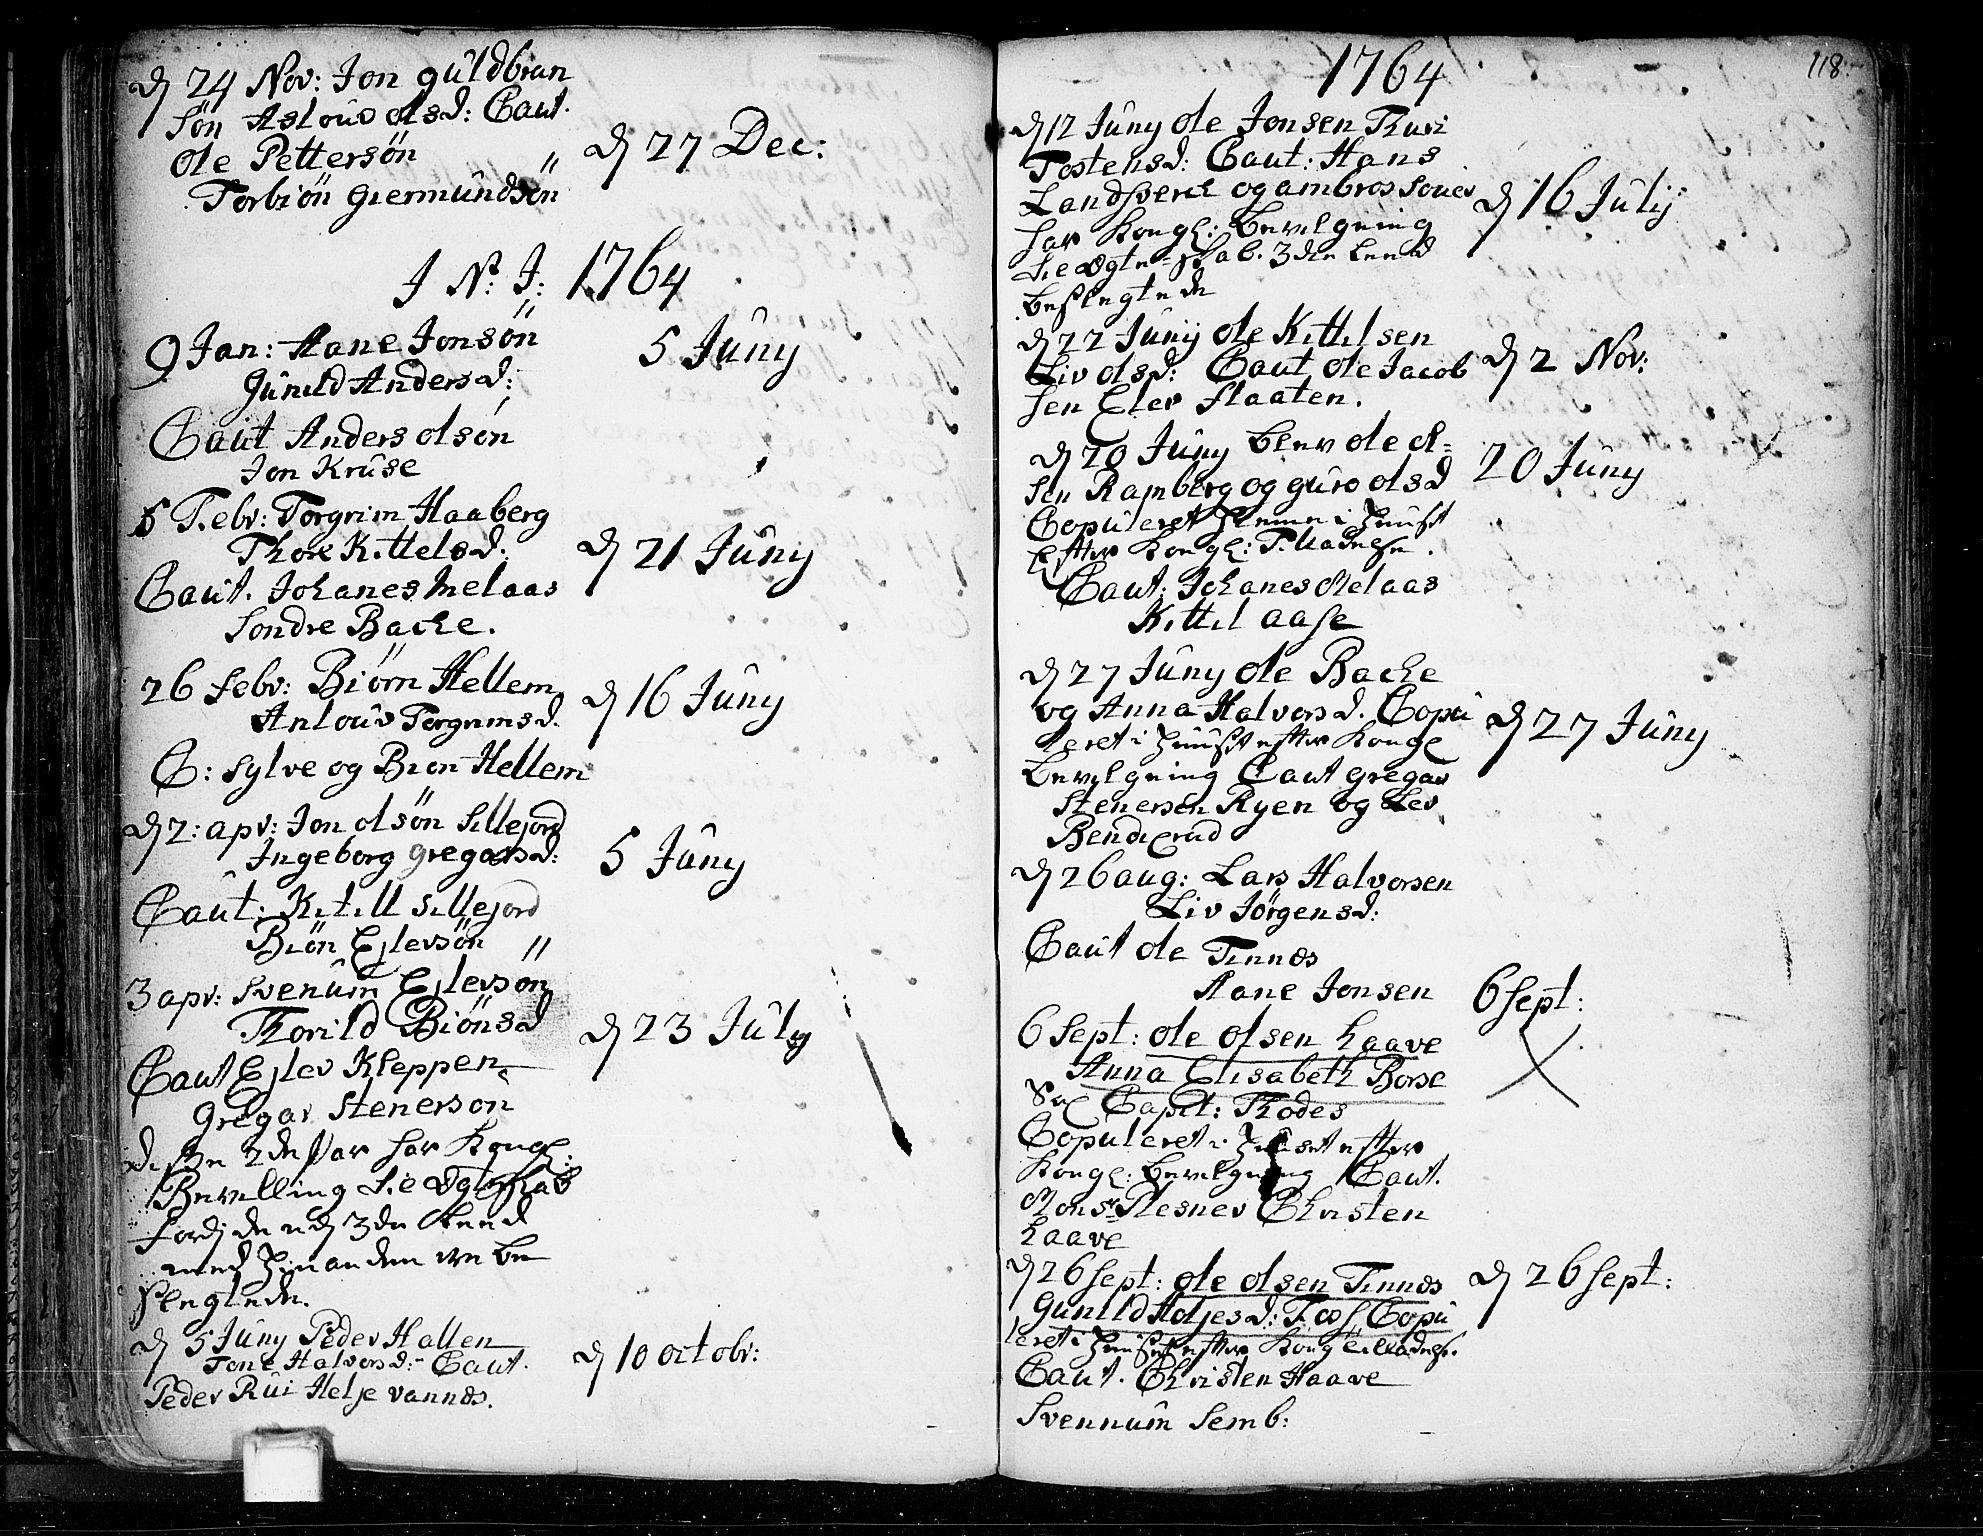 SAKO, Heddal kirkebøker, F/Fa/L0003: Ministerialbok nr. I 3, 1723-1783, s. 118